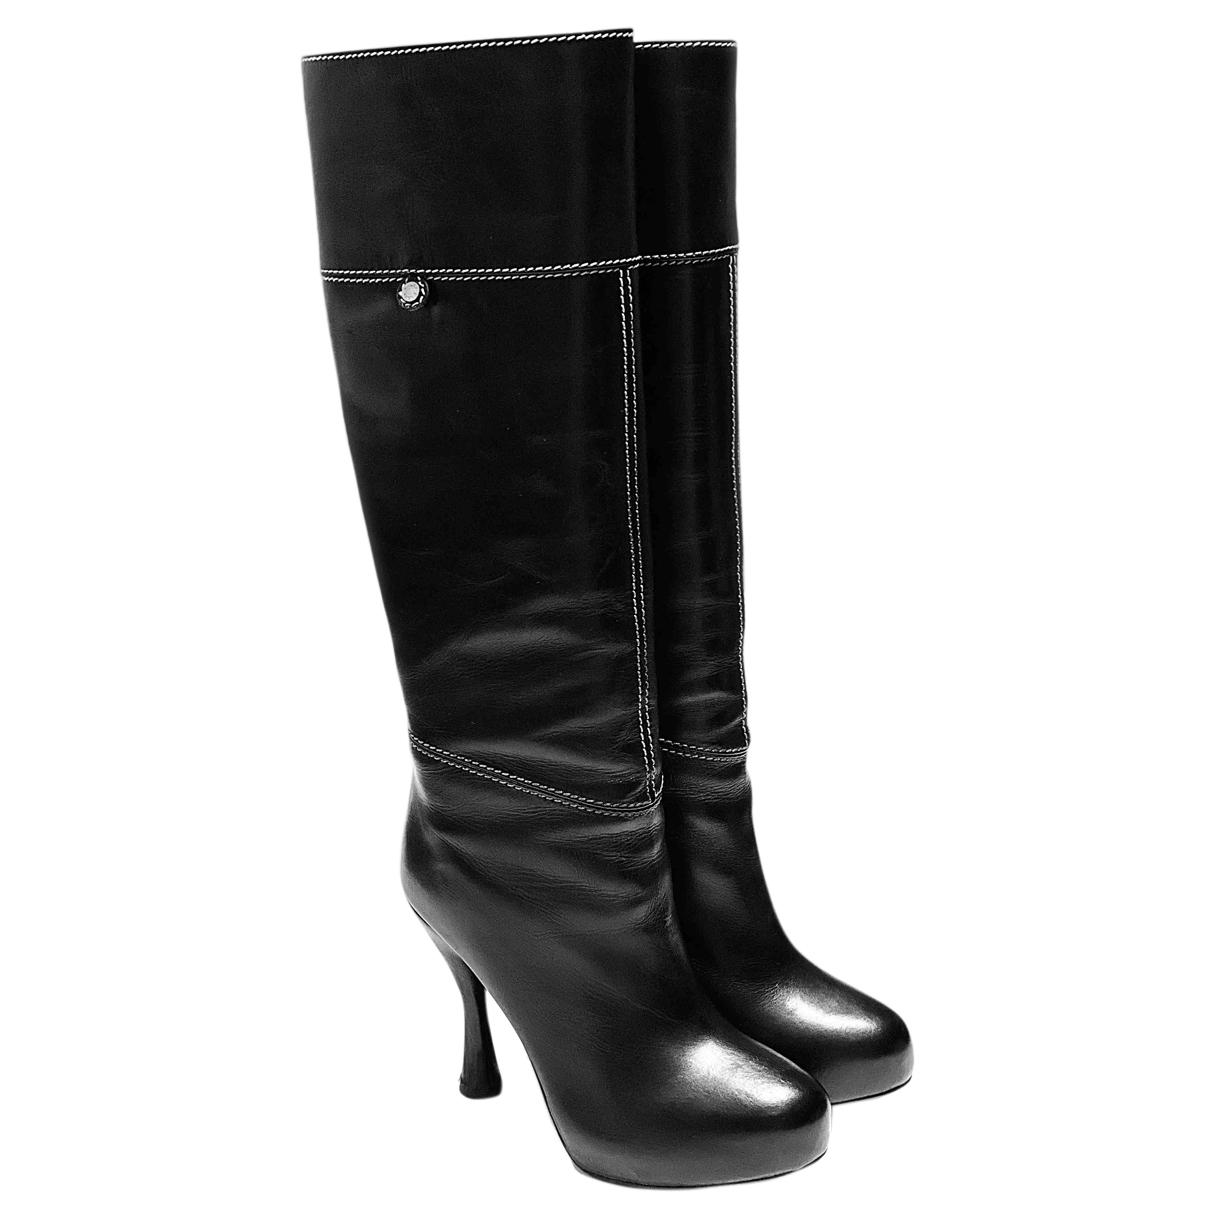 Bally - Bottes   pour femme en cuir - noir